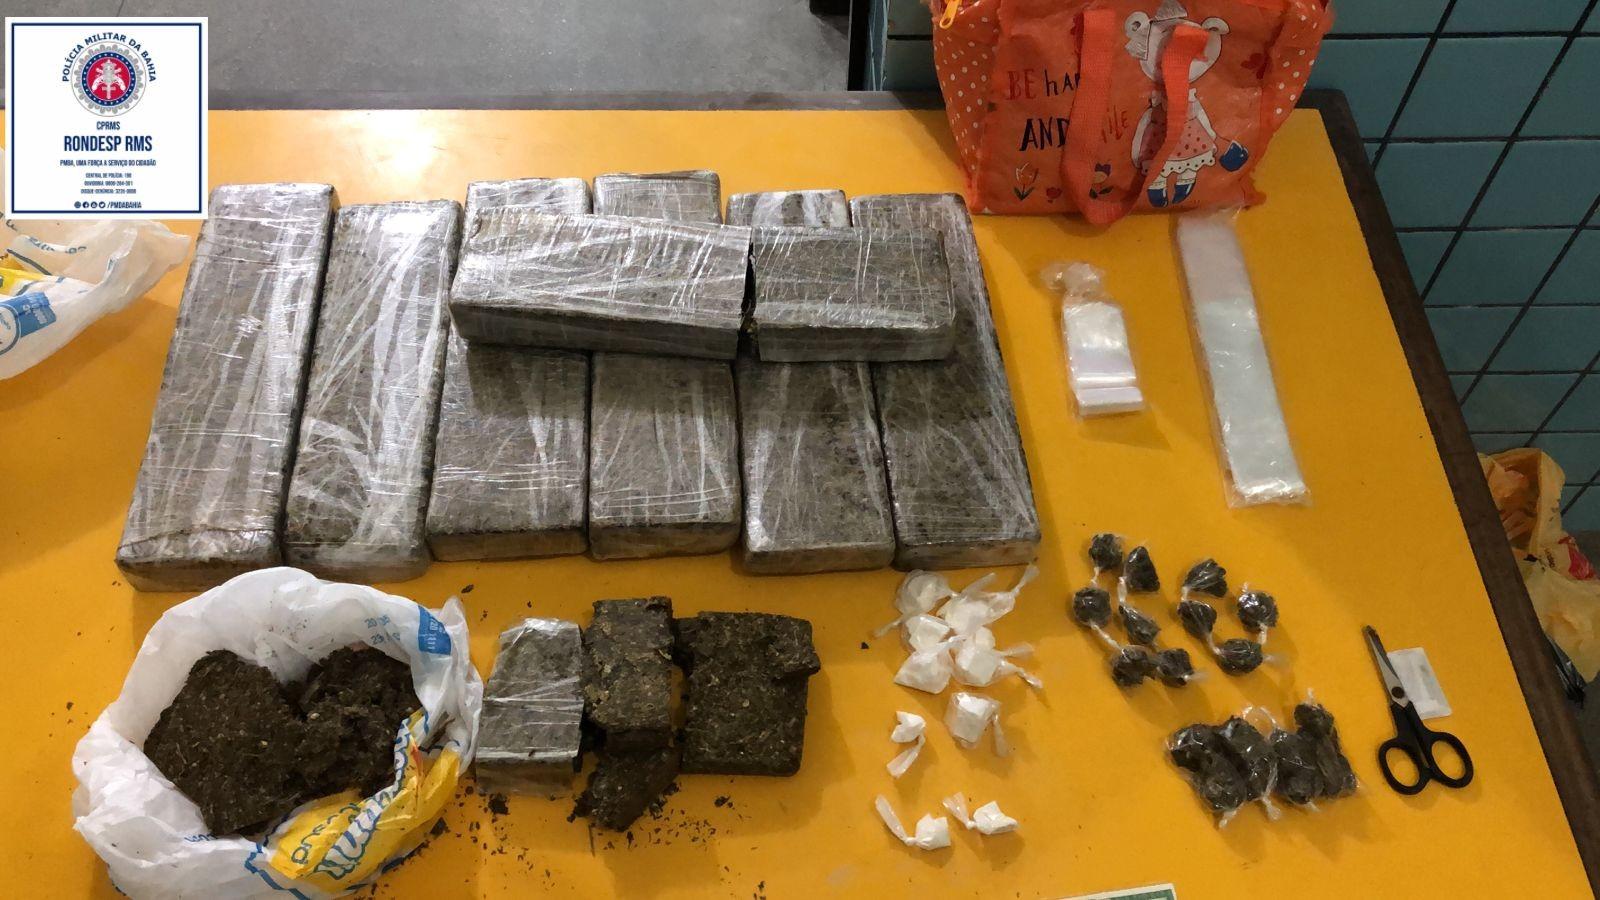 Homem é preso em flagrante com mais de sete quilos de maconha em Lauro de Freitas, na RMS